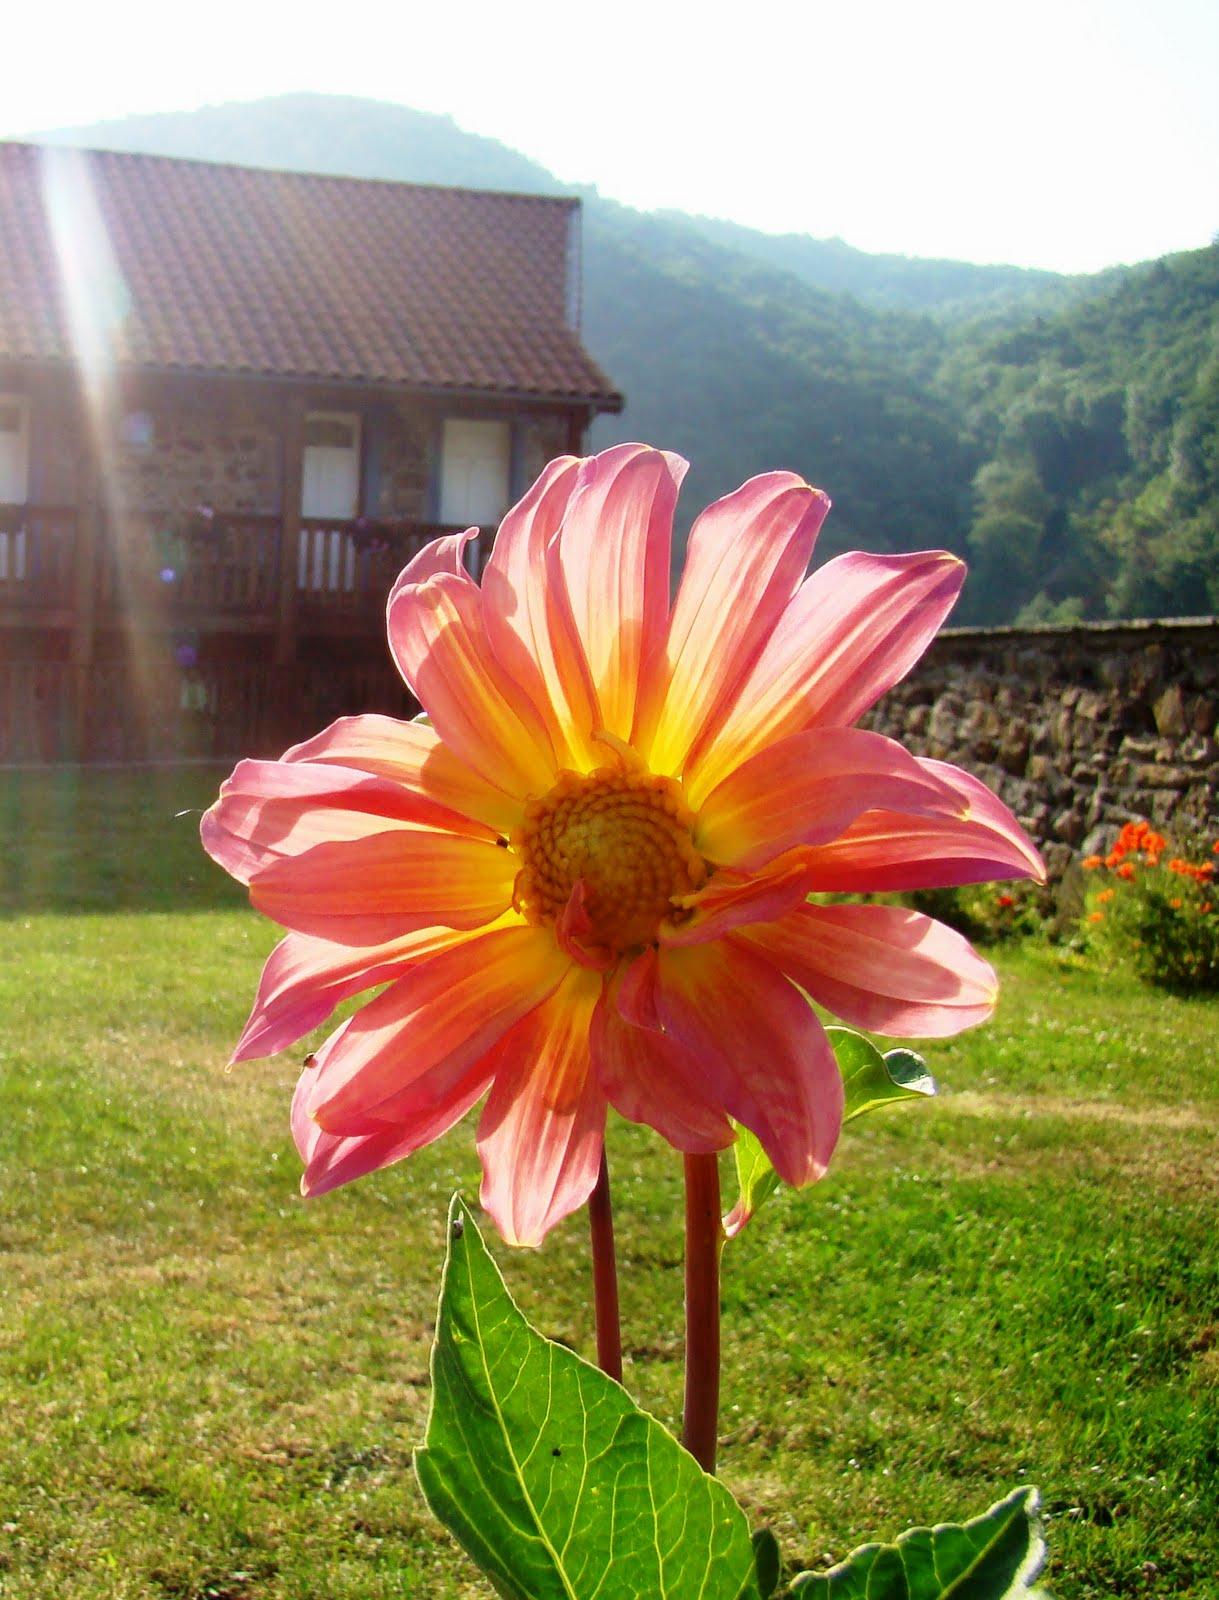 Le jardin de catherine les derni res fleurs - Le jardin de catherine com ...